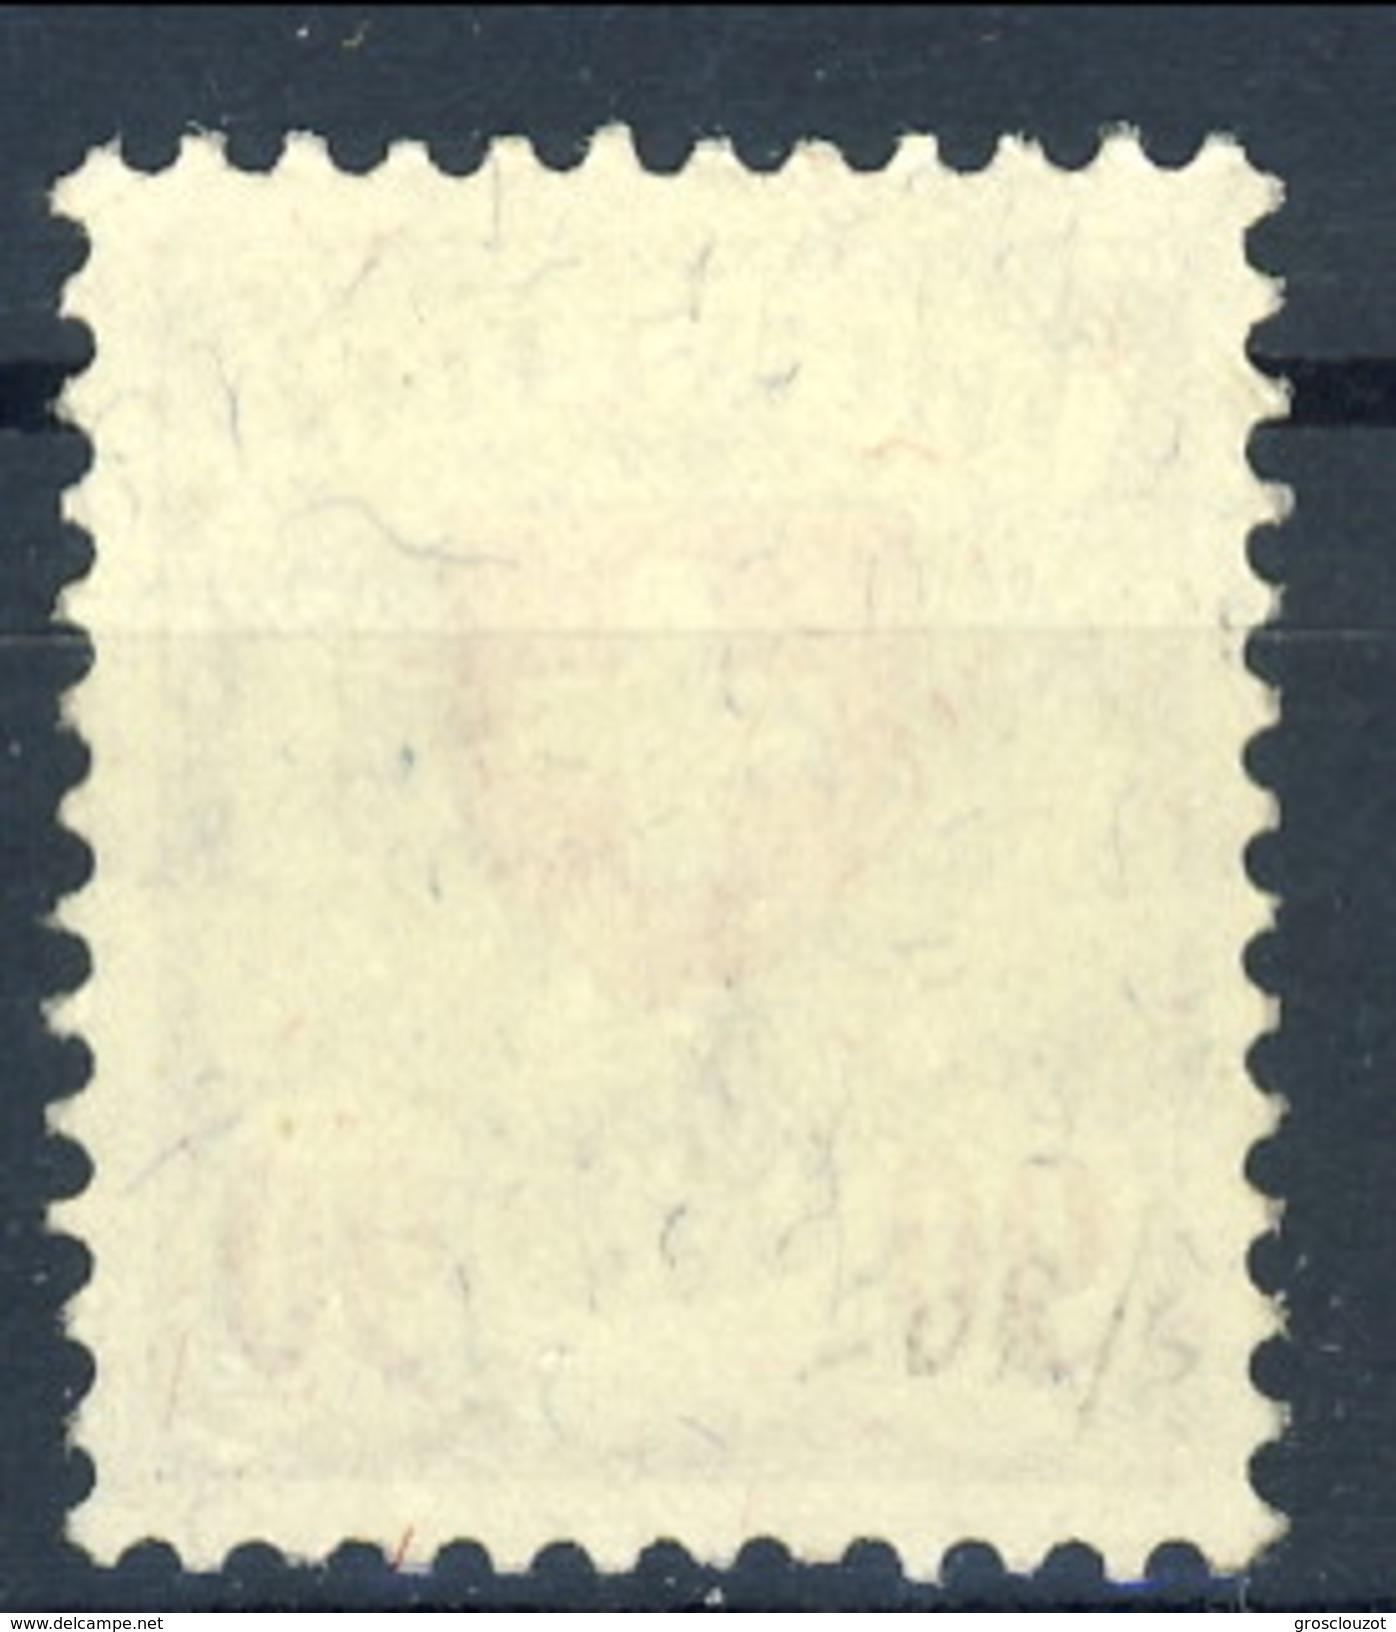 Svizzera 1924 N. 208B C. 90 Carta Patinata Lucida E Bianca MNH Cat. € 67 - Svizzera